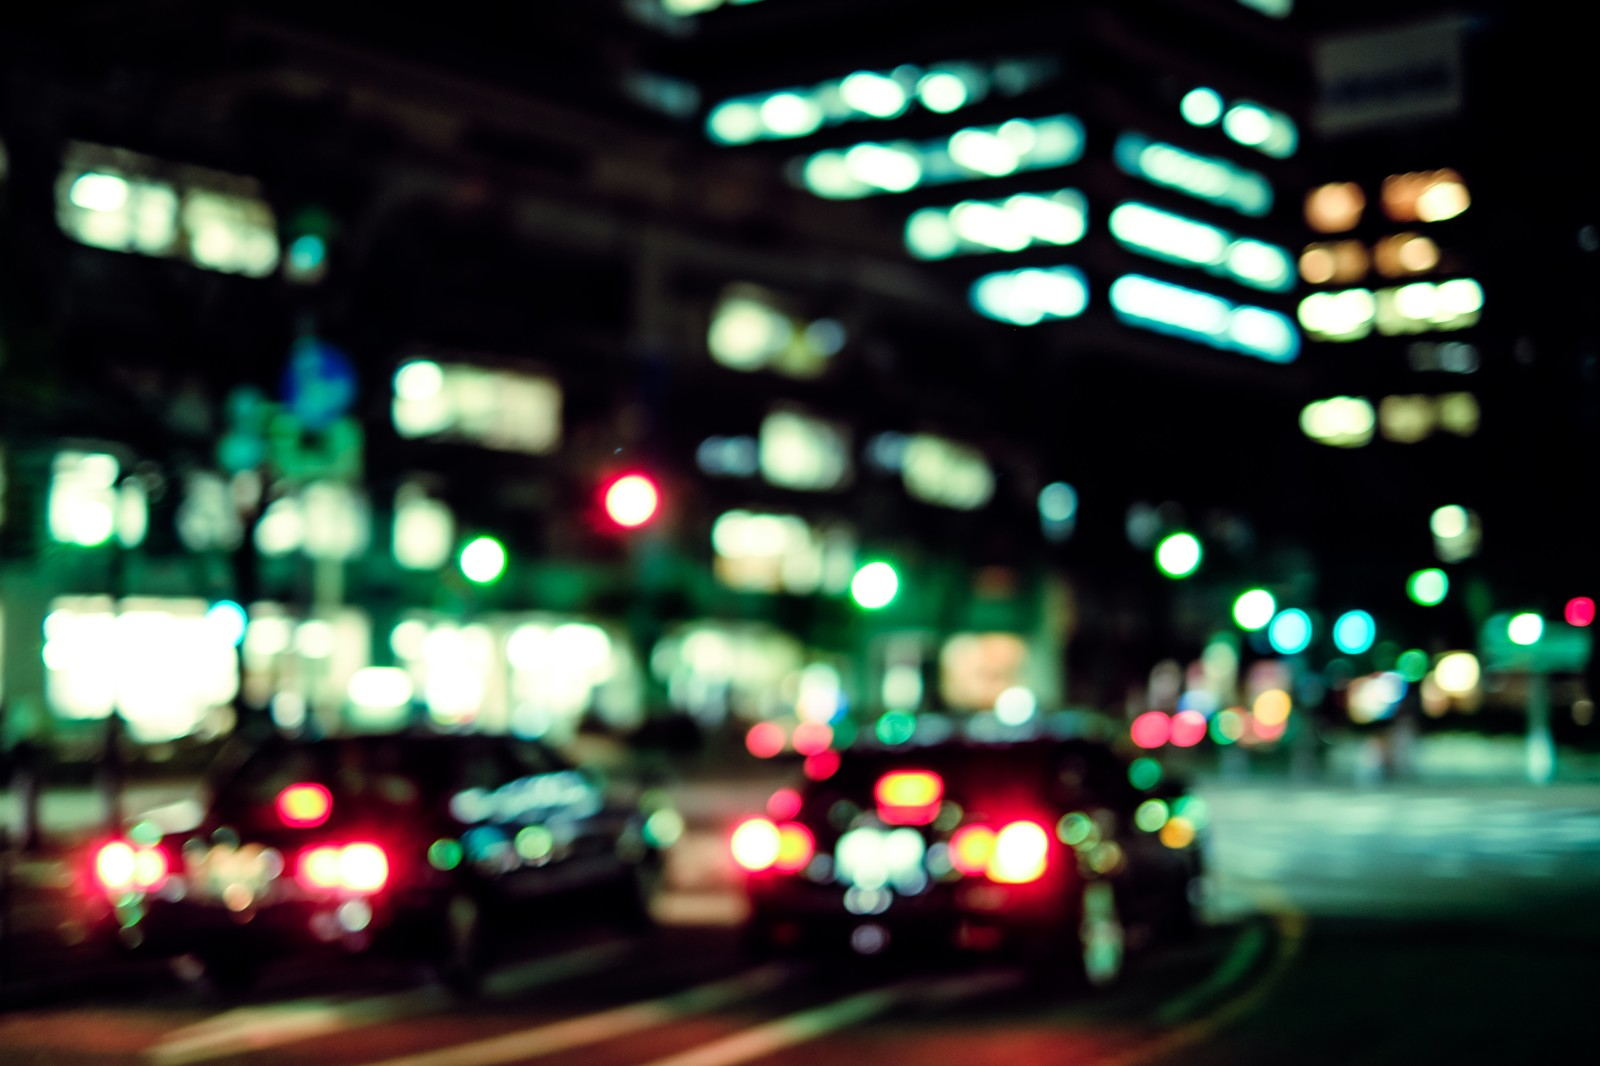 「交通量の多い深夜のオフィス街」の写真